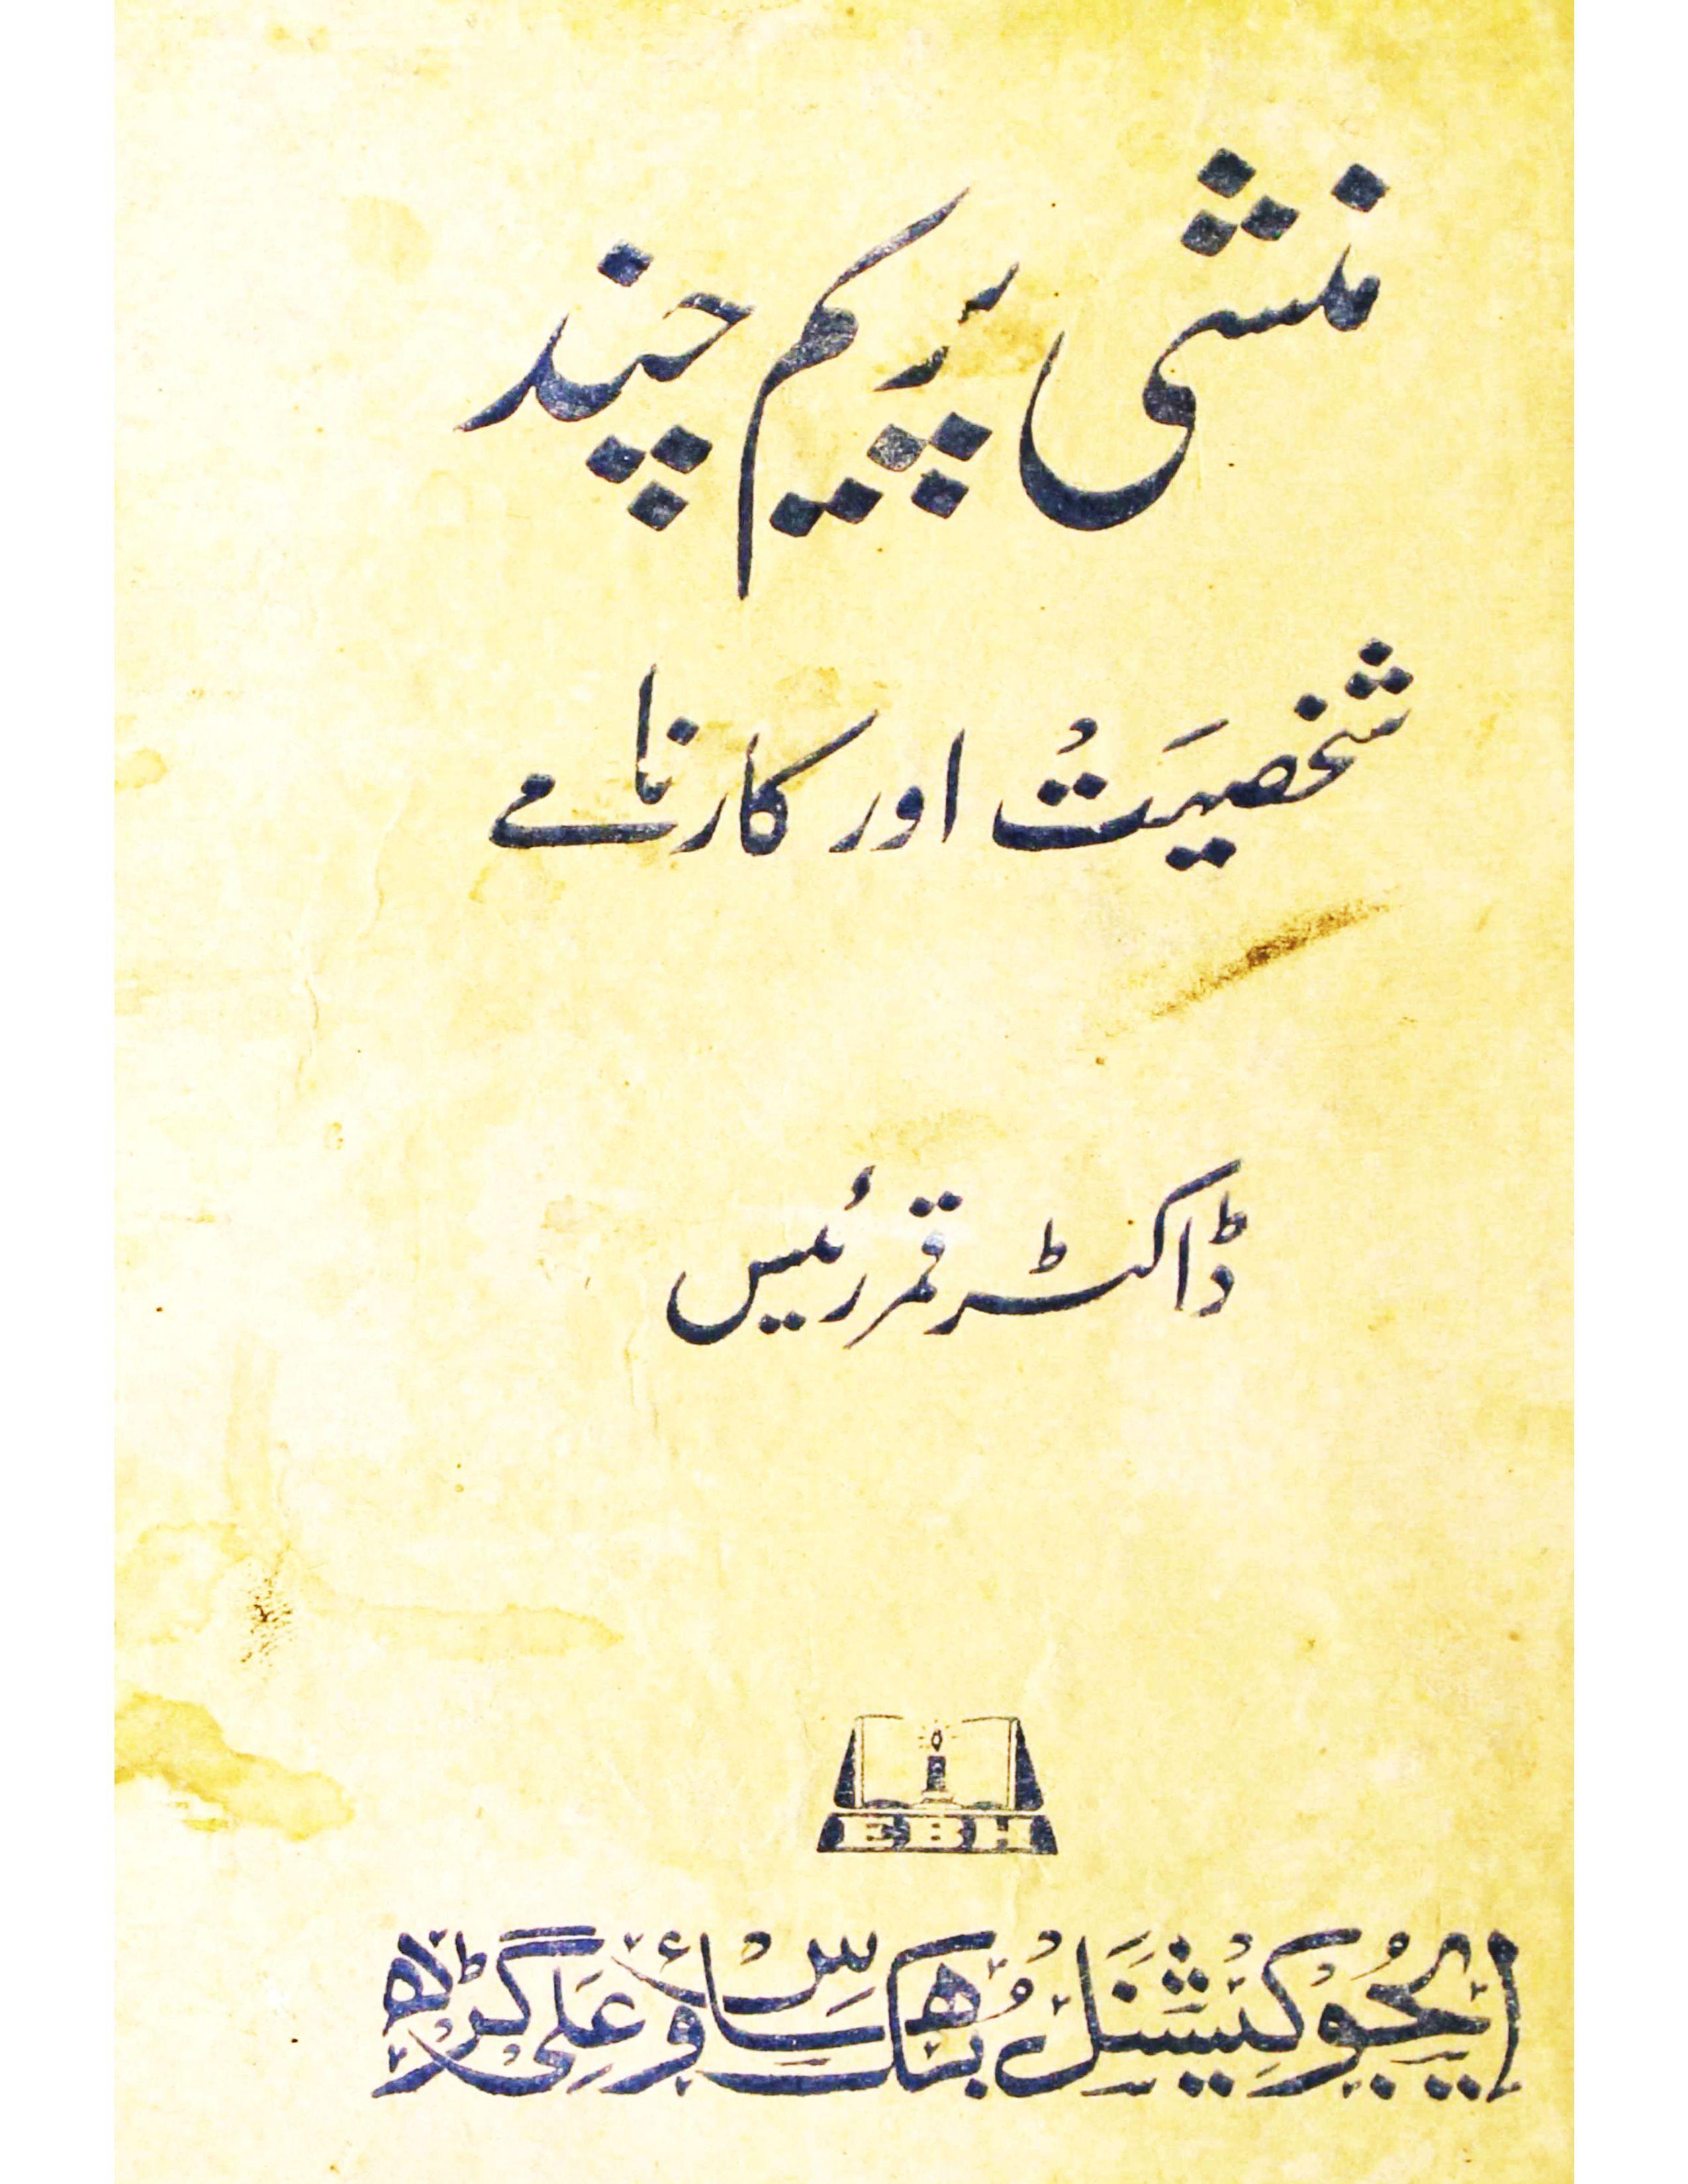 Munshi Prem Chand : Shakhsiat Aur Karname